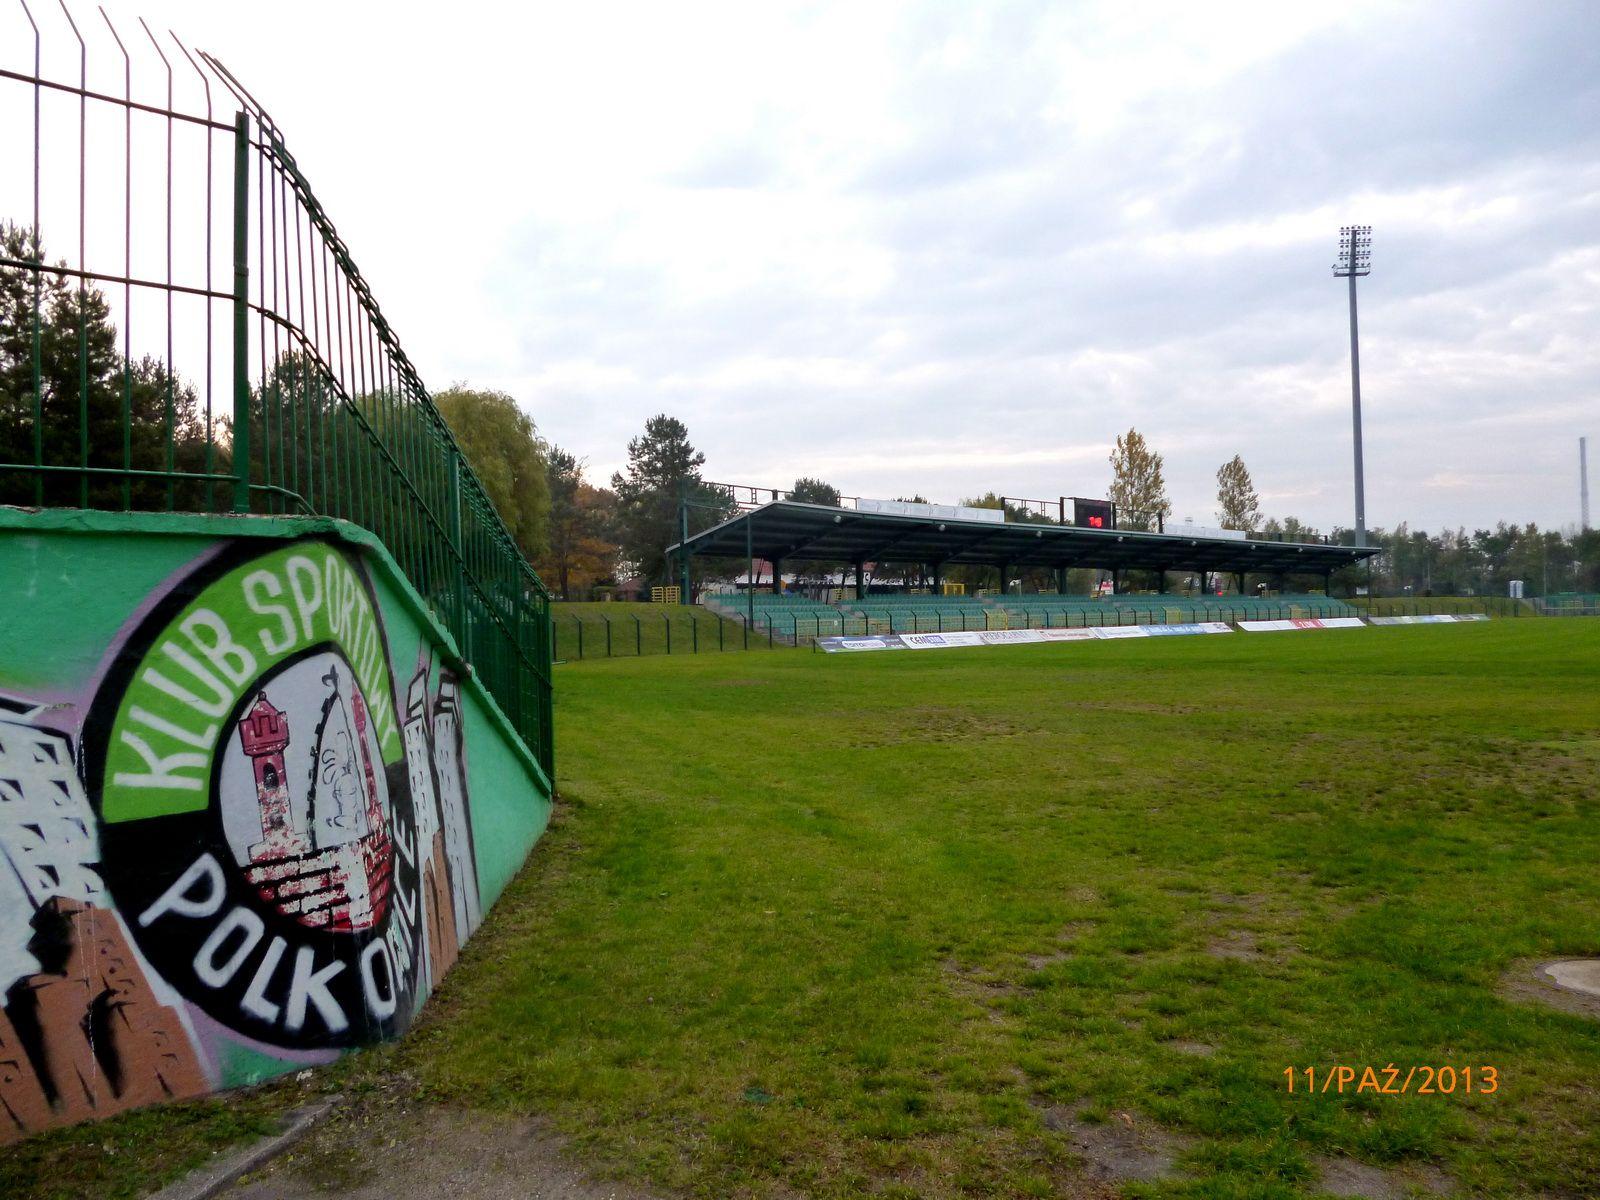 Stadion Miejski w Polkowicach (Stadion Górnika Polkowice